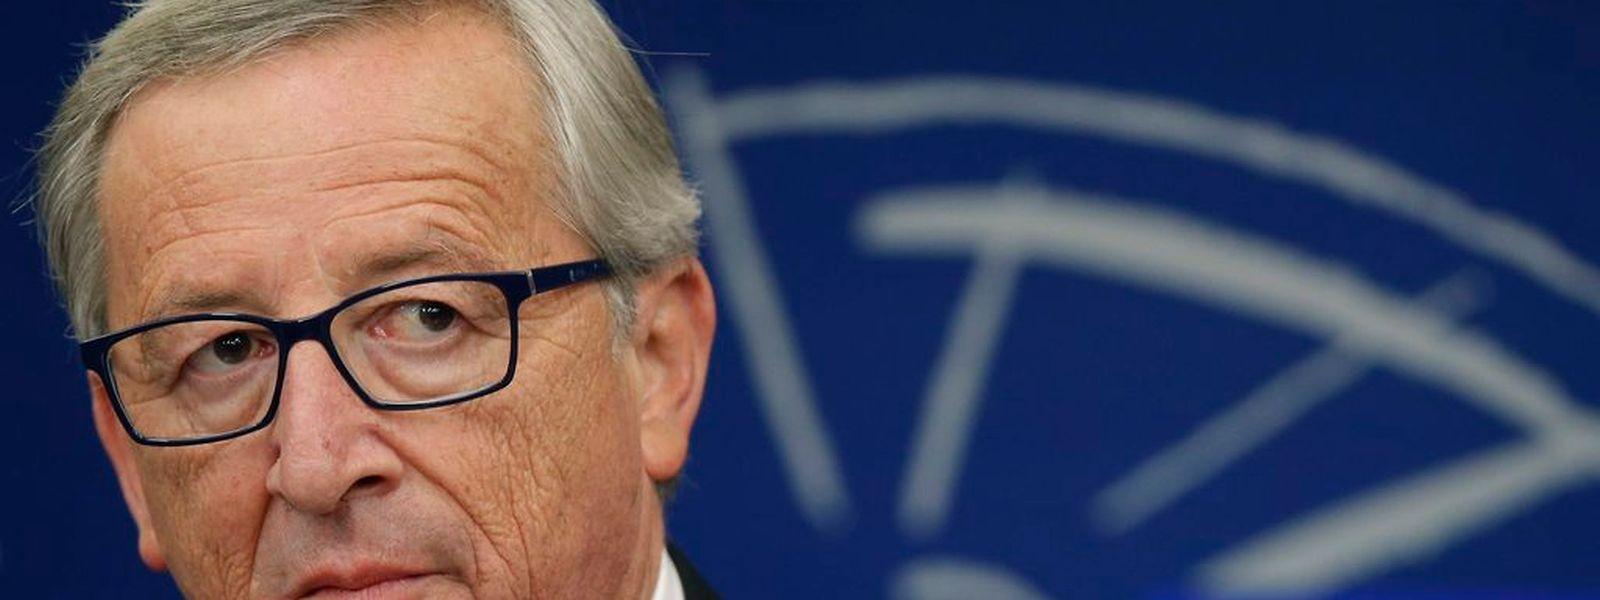 Jean-Claude Juncker à Strasbourg, le 22 octobre 2014